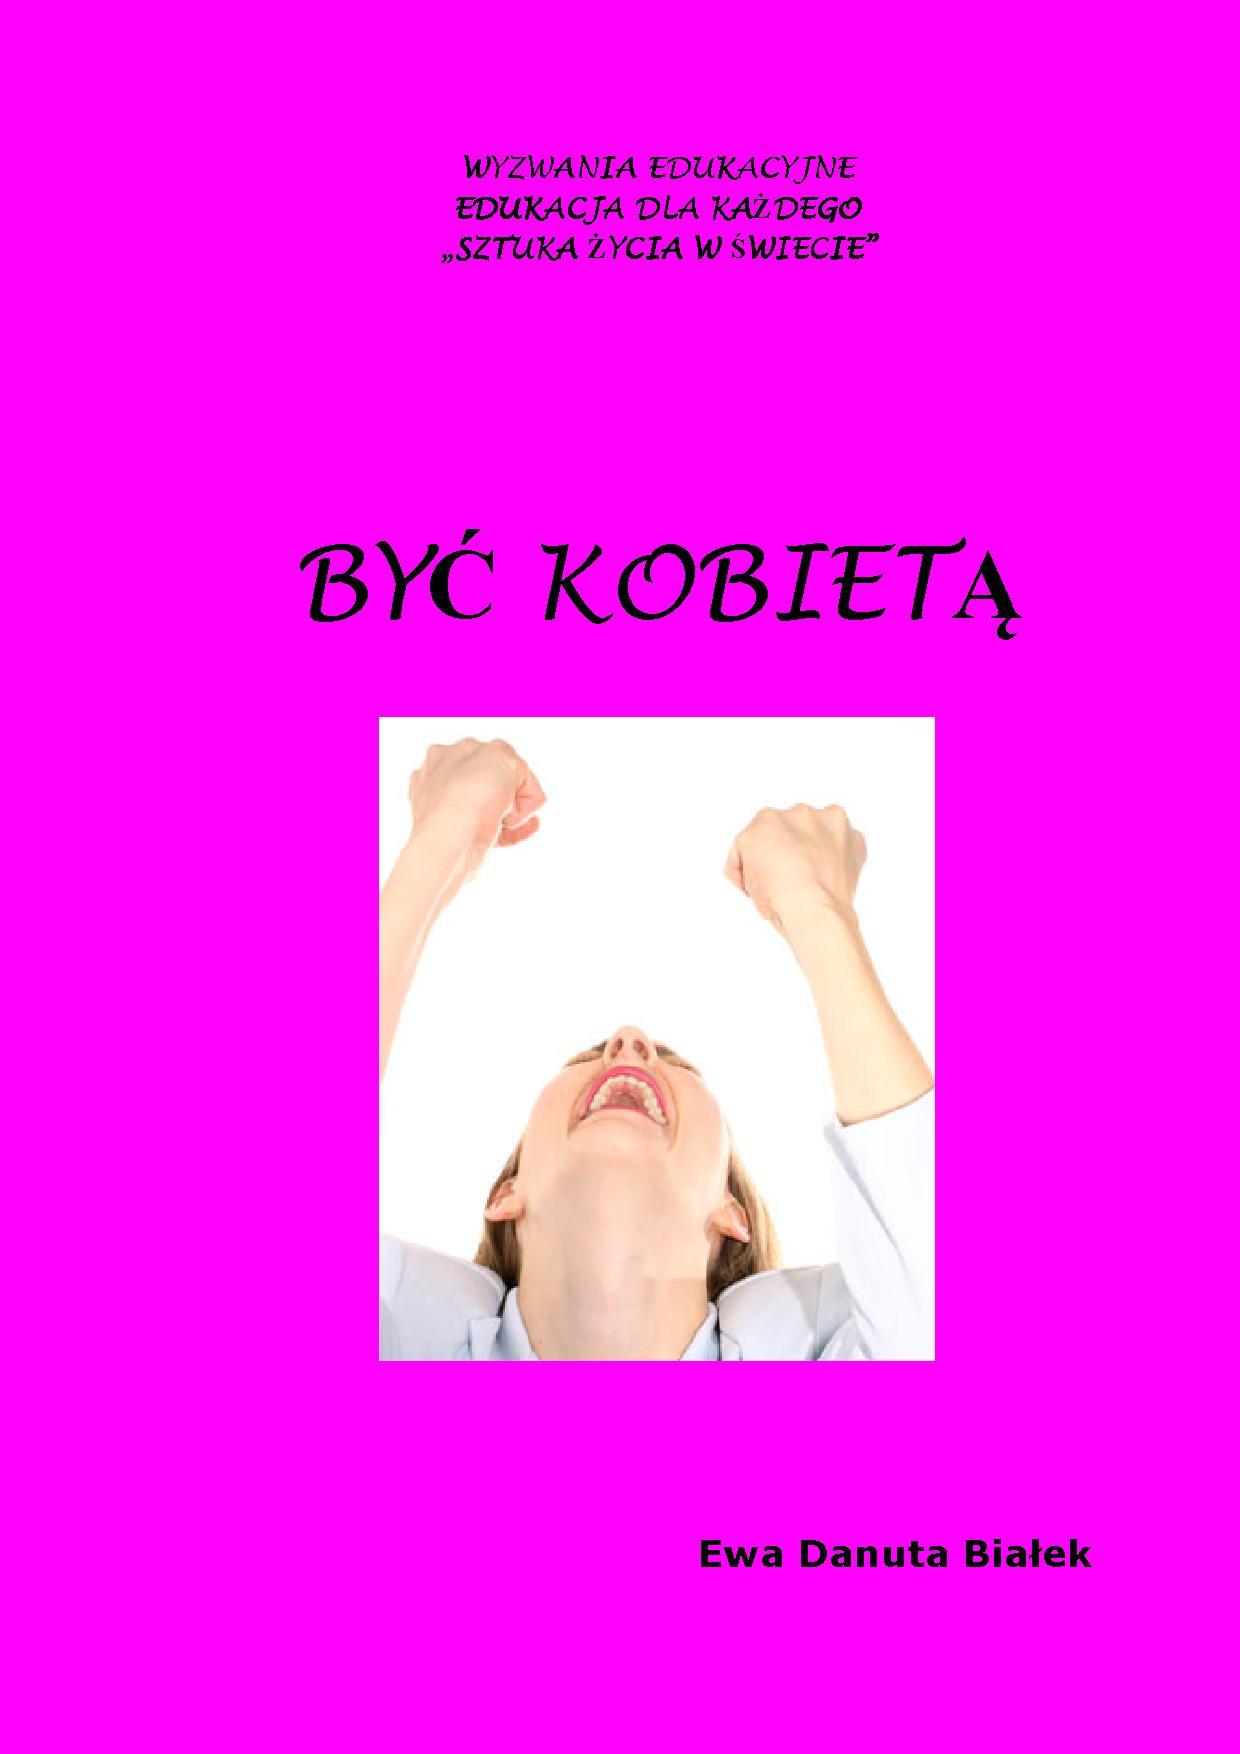 Być kobietą e-book poradnik